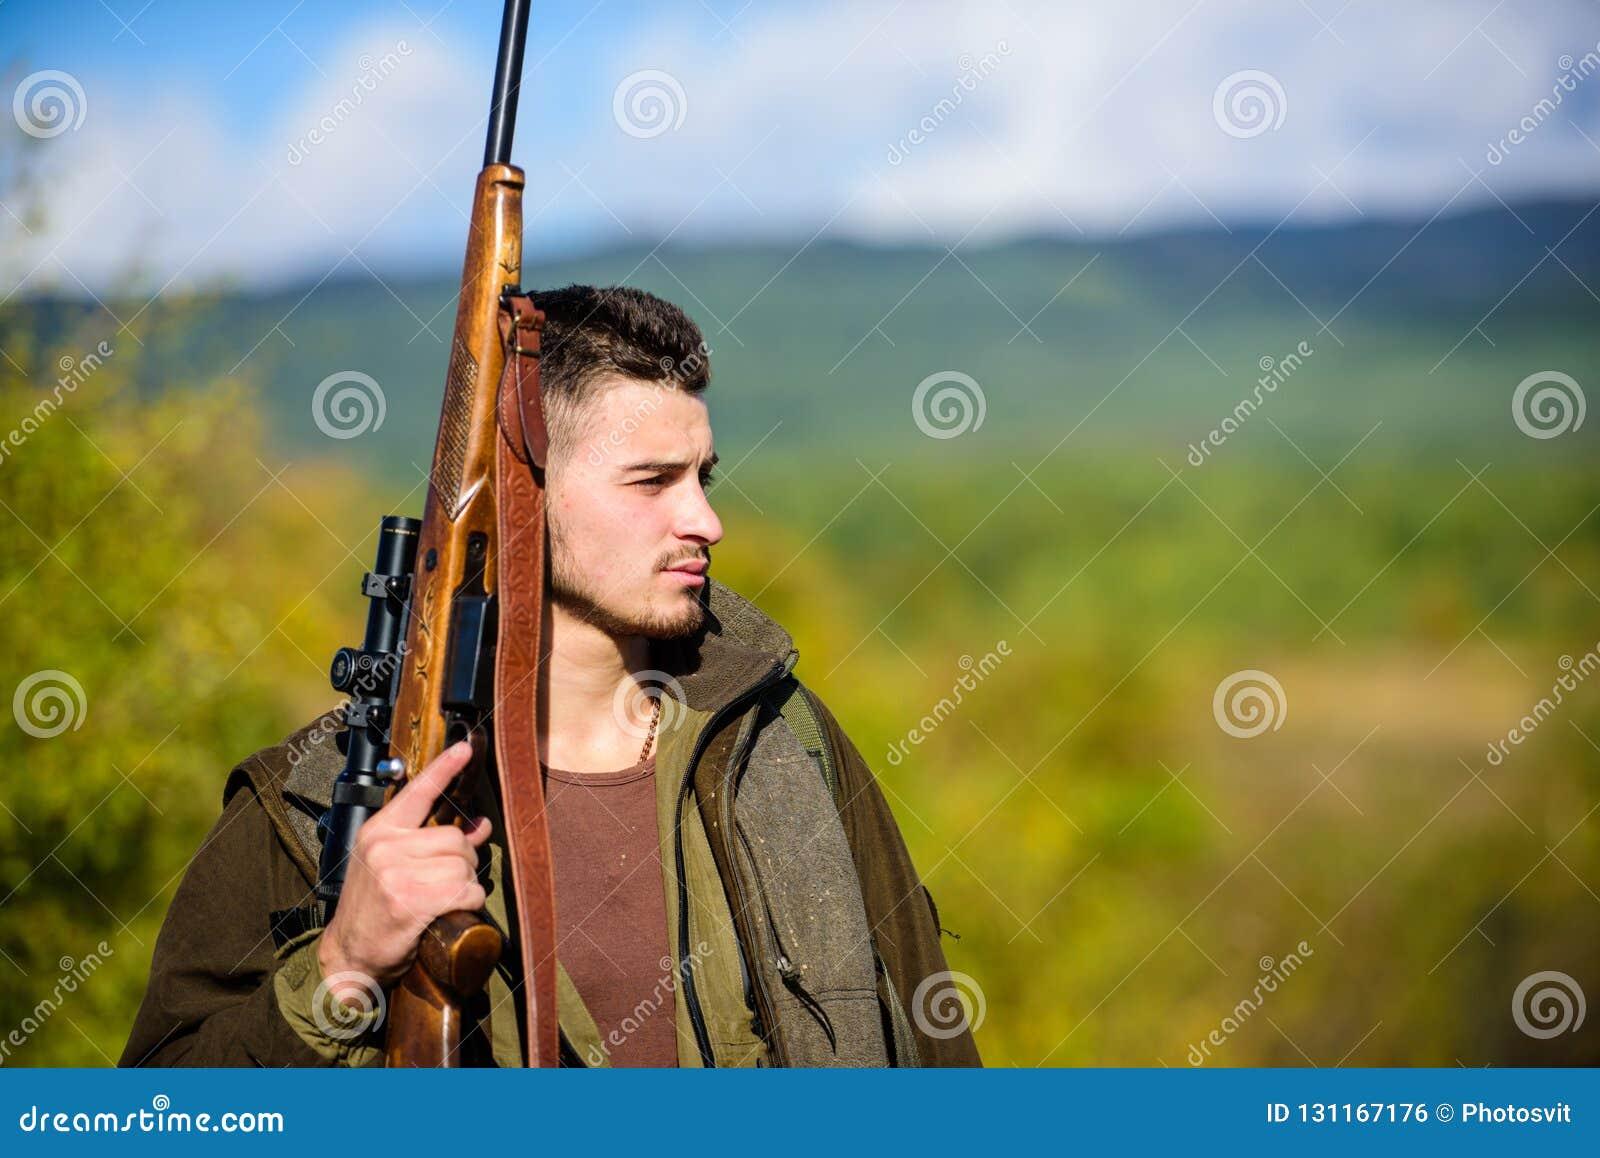 La experiencia y la práctica presta la caza del éxito Ambiente de la naturaleza de la caza del individuo Actividad masculina de l